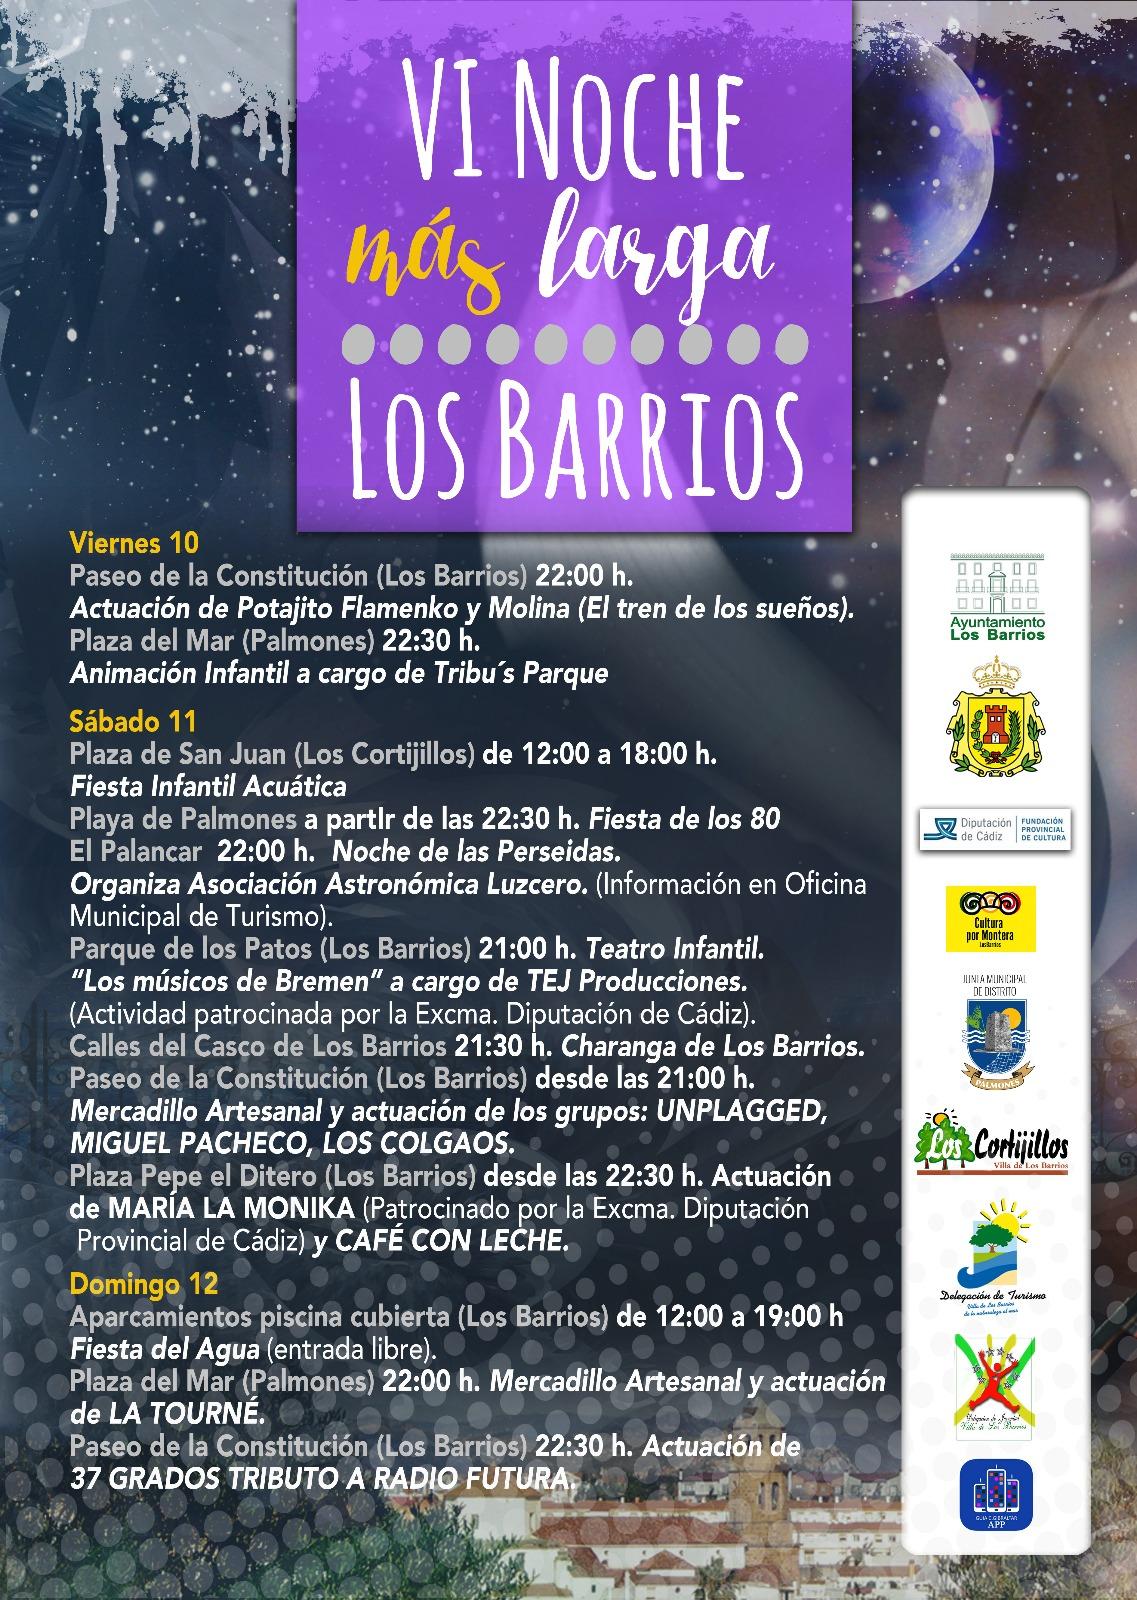 La VI Noche + Larga de Los Barrios del 10 al 12 de agosto.